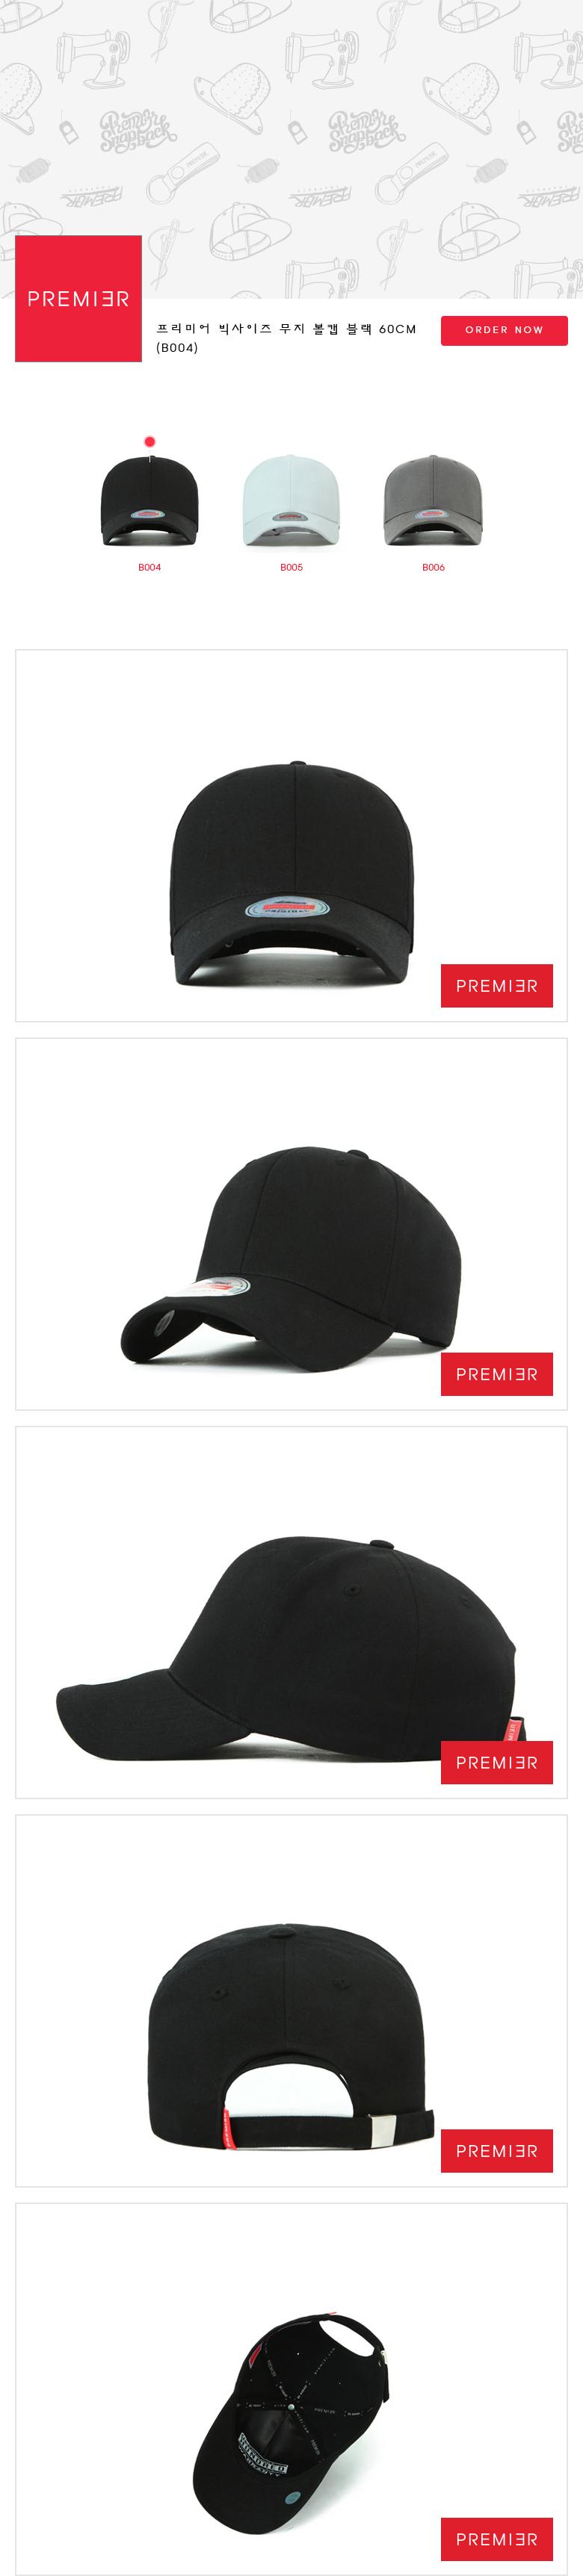 [ PREMIER ] [Premier] Big Size One Color Ball Cap Black 60CM (B004)